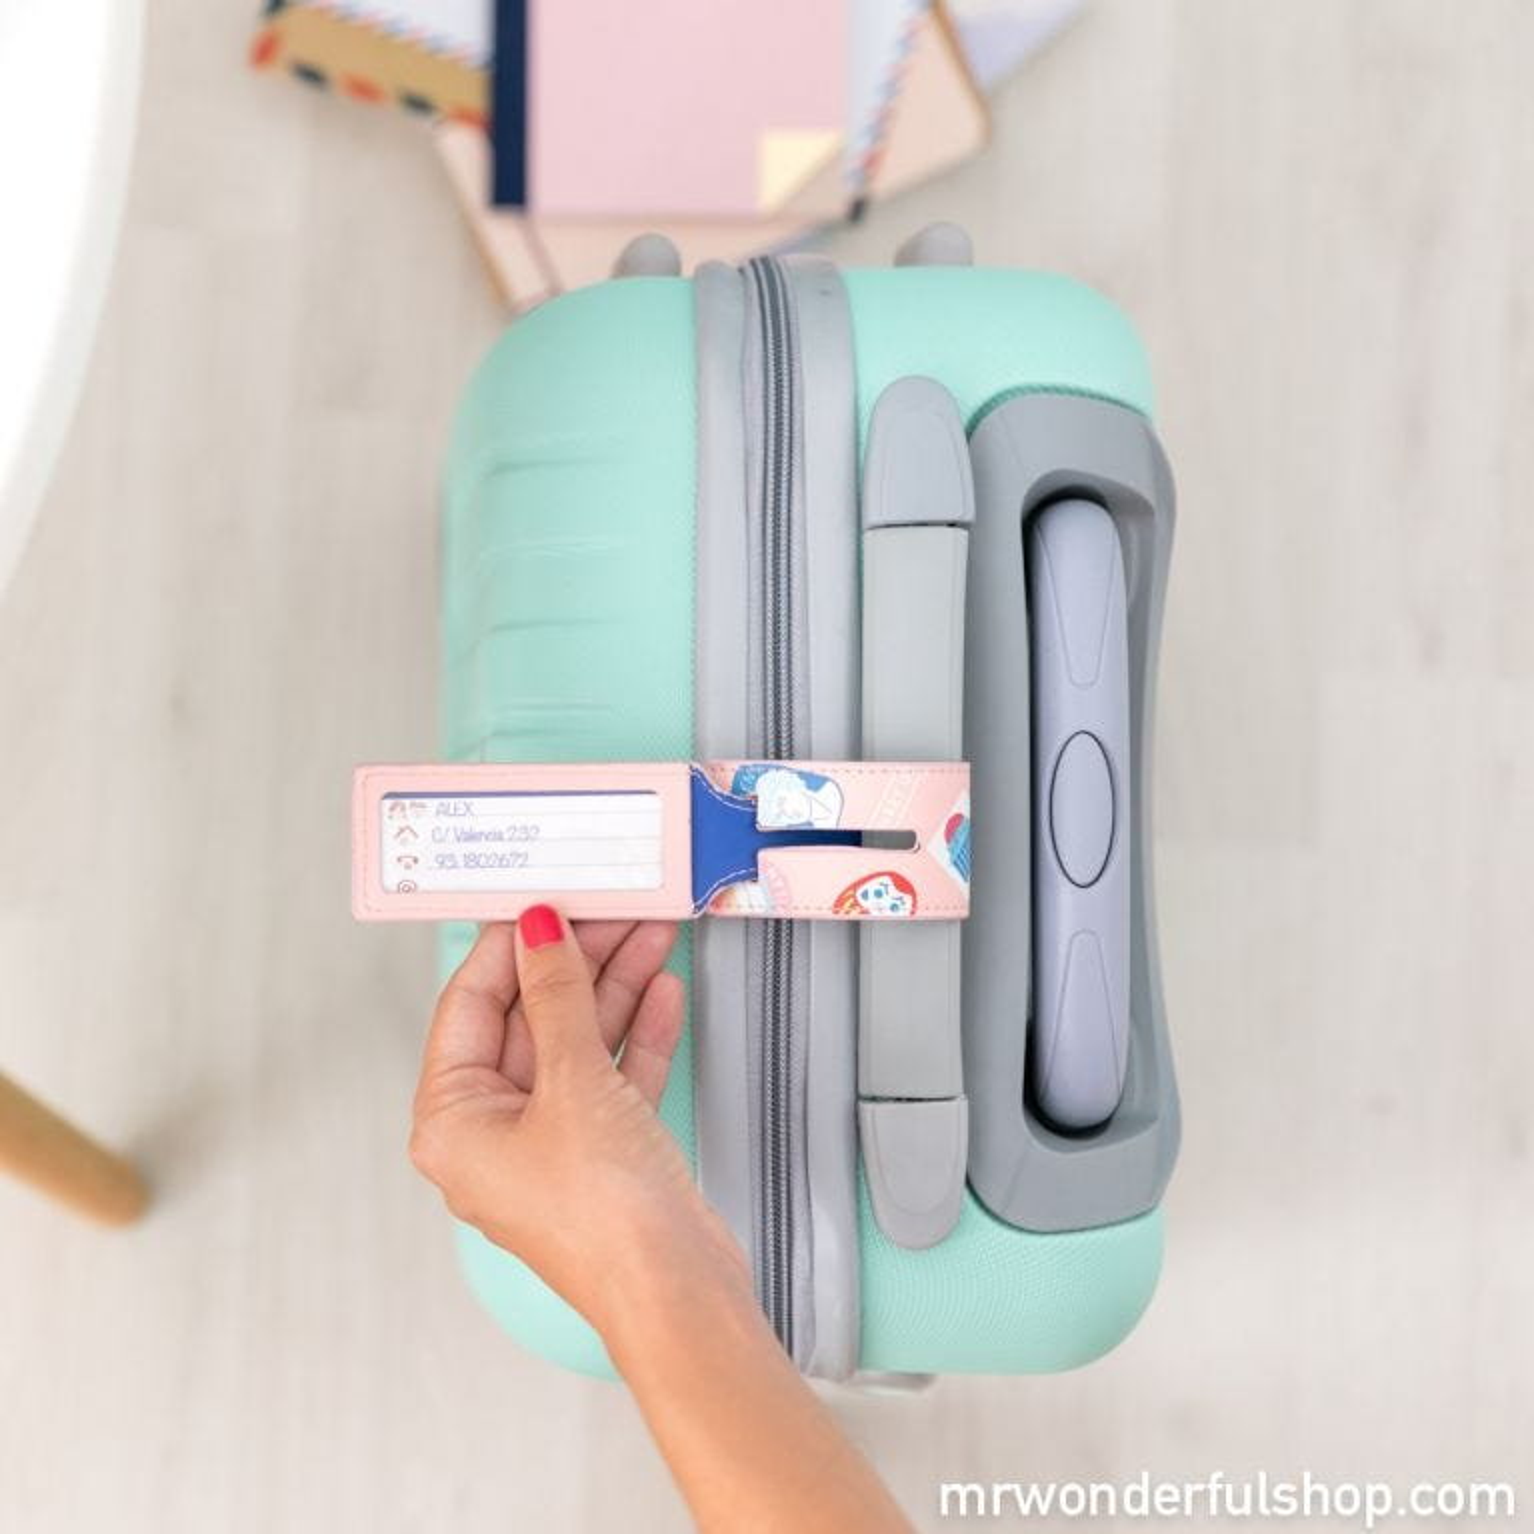 Etiqueta para a bagagem mais especial e viajada - Lovely Streets